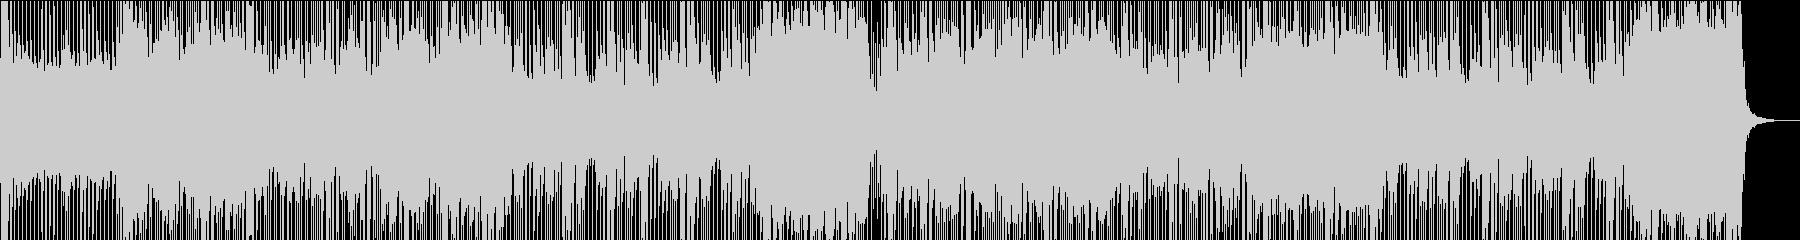 ロック/激しい/重い/シンセ/ピアノ抜きの未再生の波形